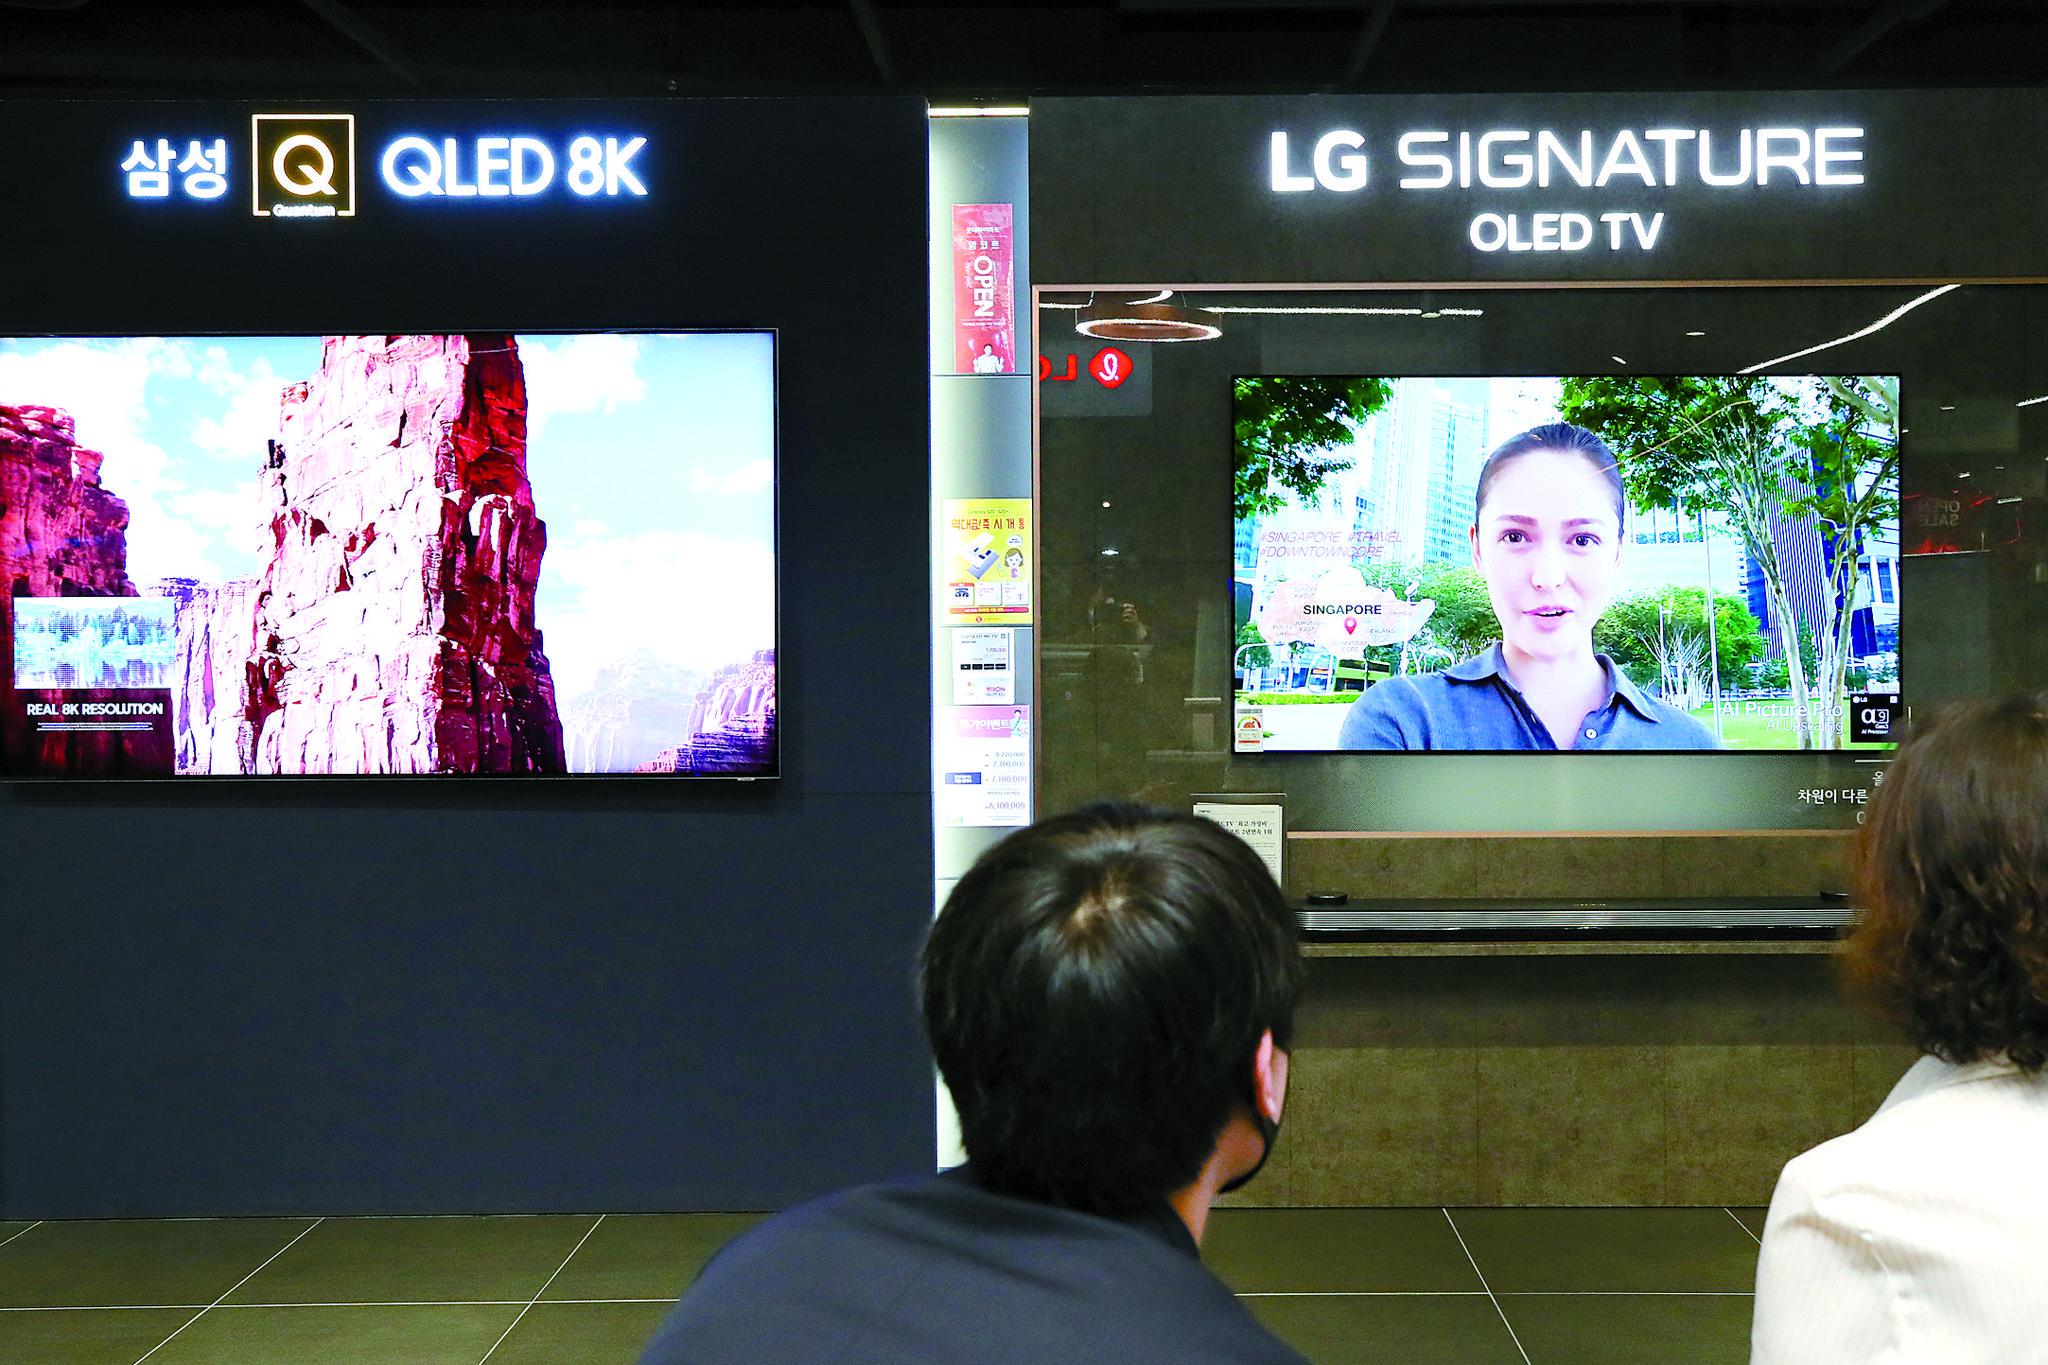 삼성전자와 LG전자의 대표 프리미엄 TV. (이 사진은 기사 내용과 관련 없음) 연합뉴스